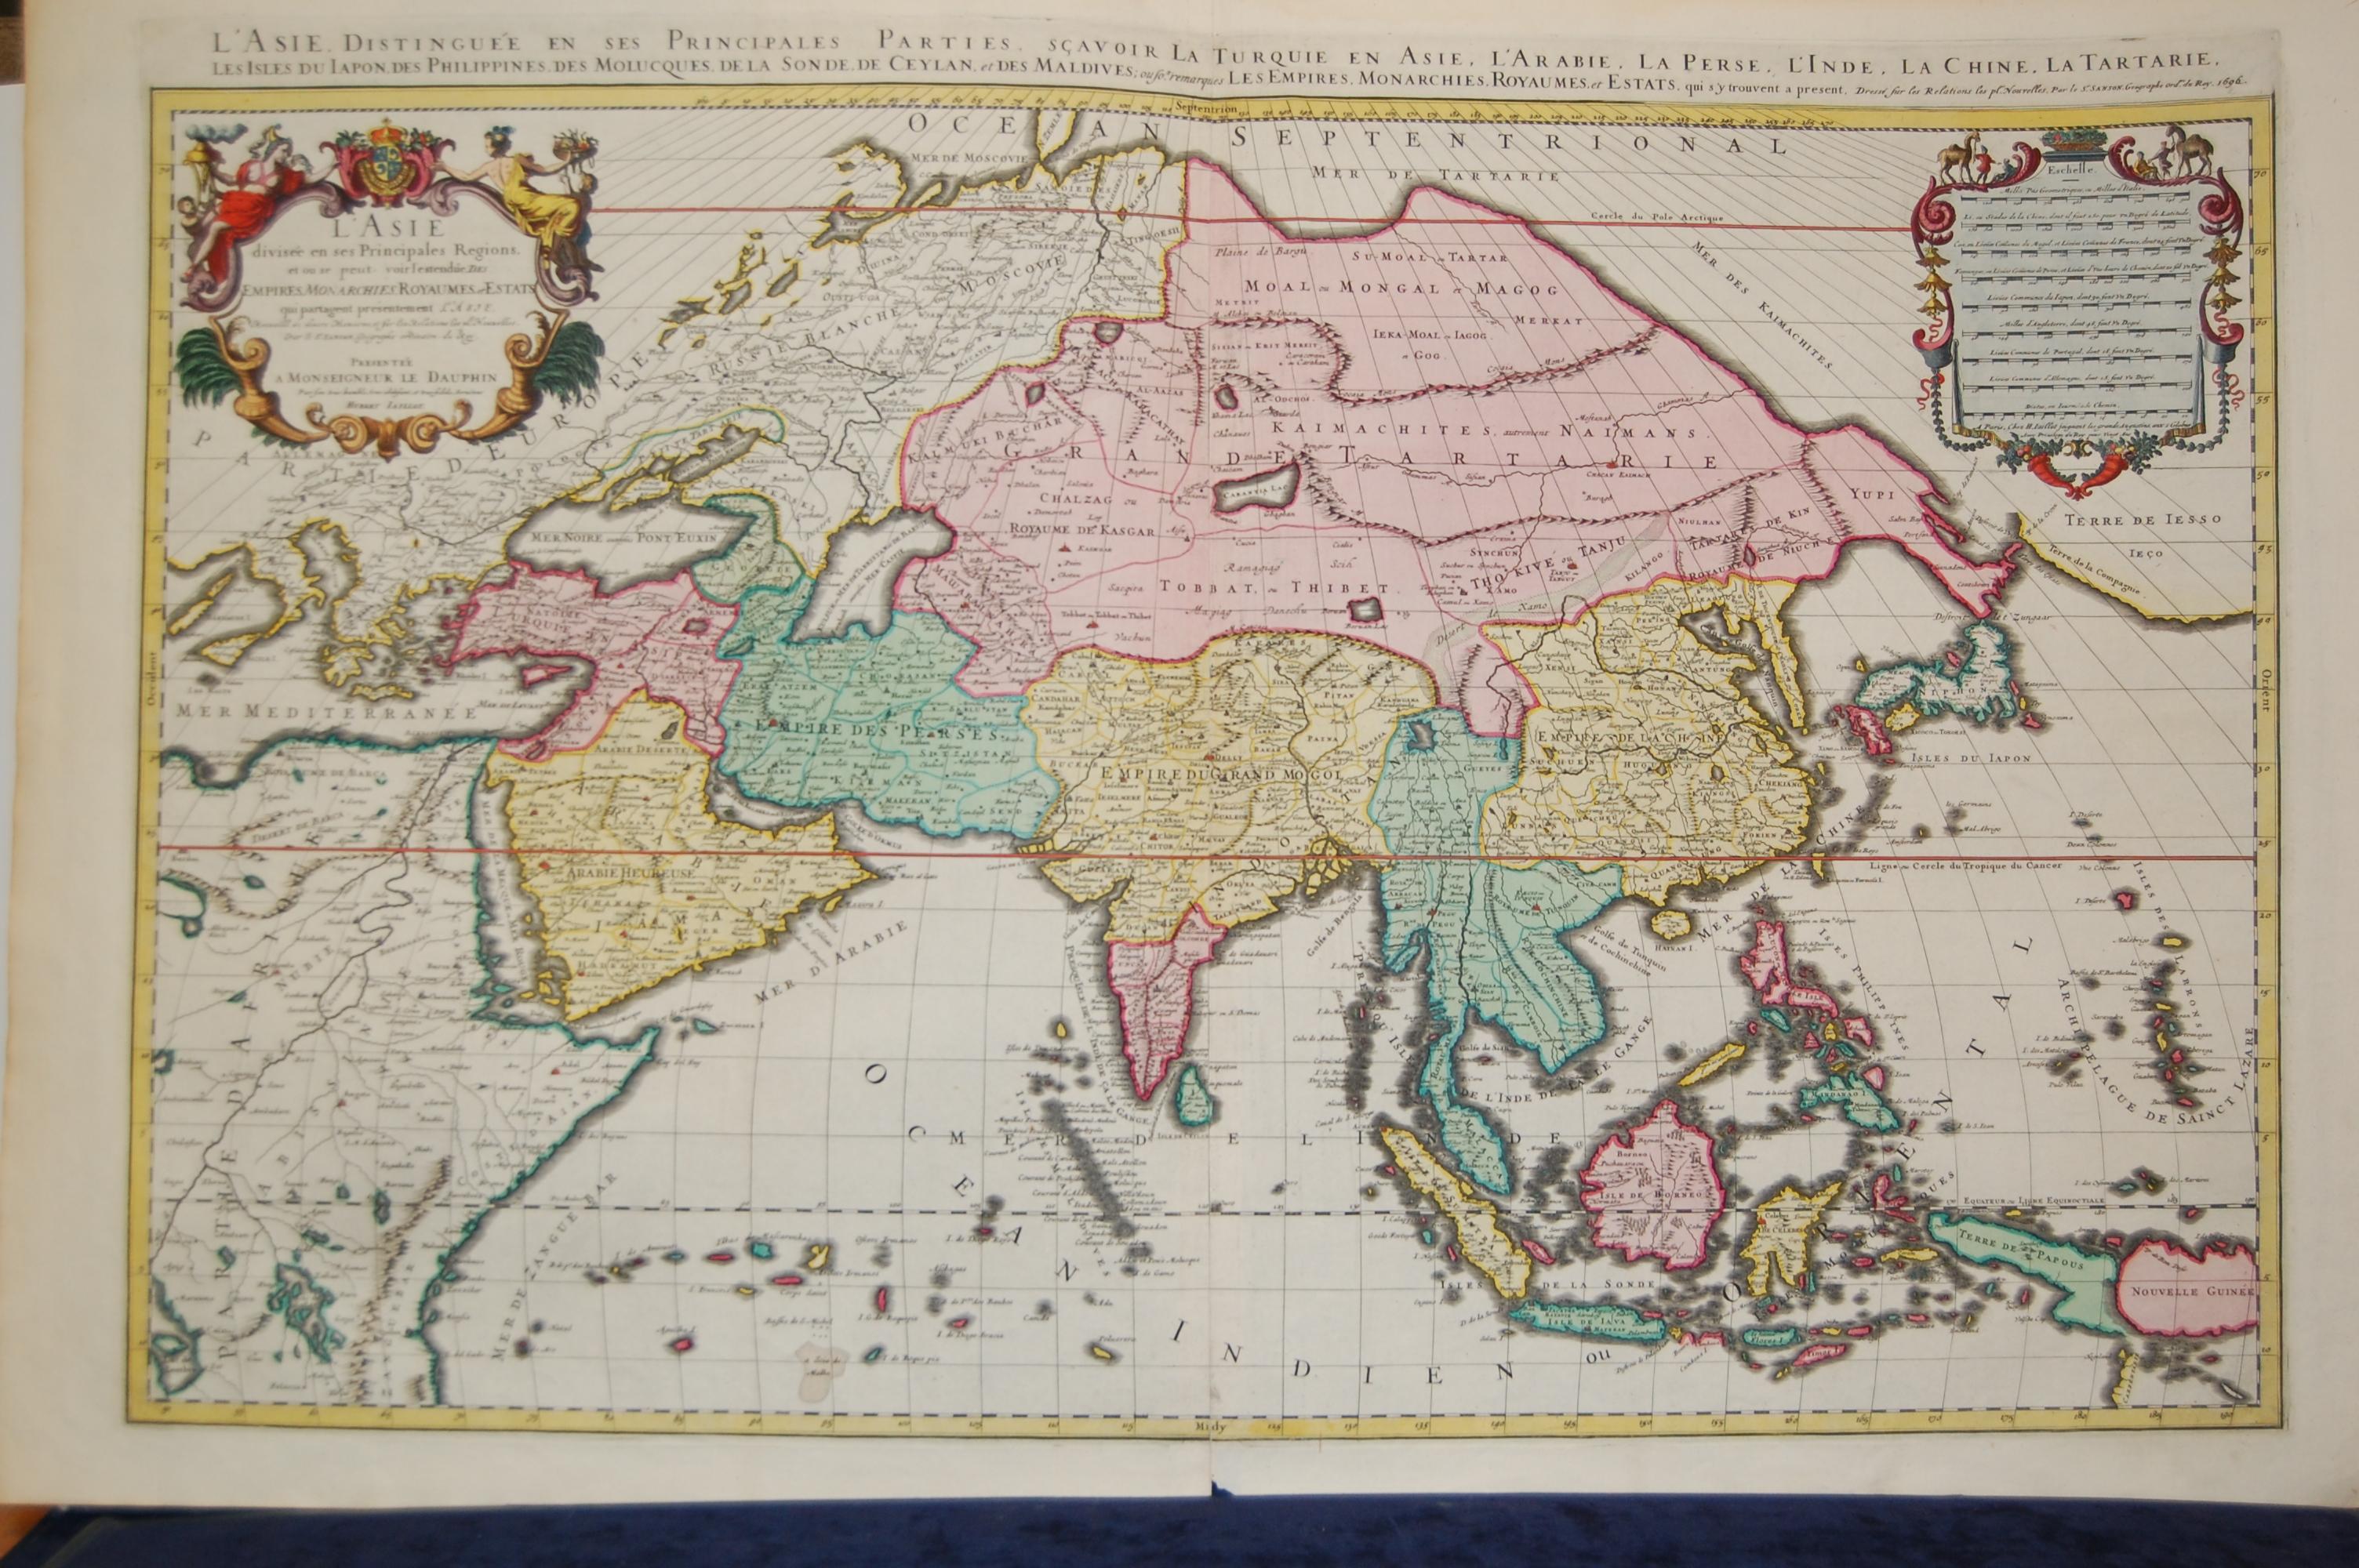 karta över hela asien VÖBAM   Bilder och kartor från hela världen, antika och nytryck. karta över hela asien